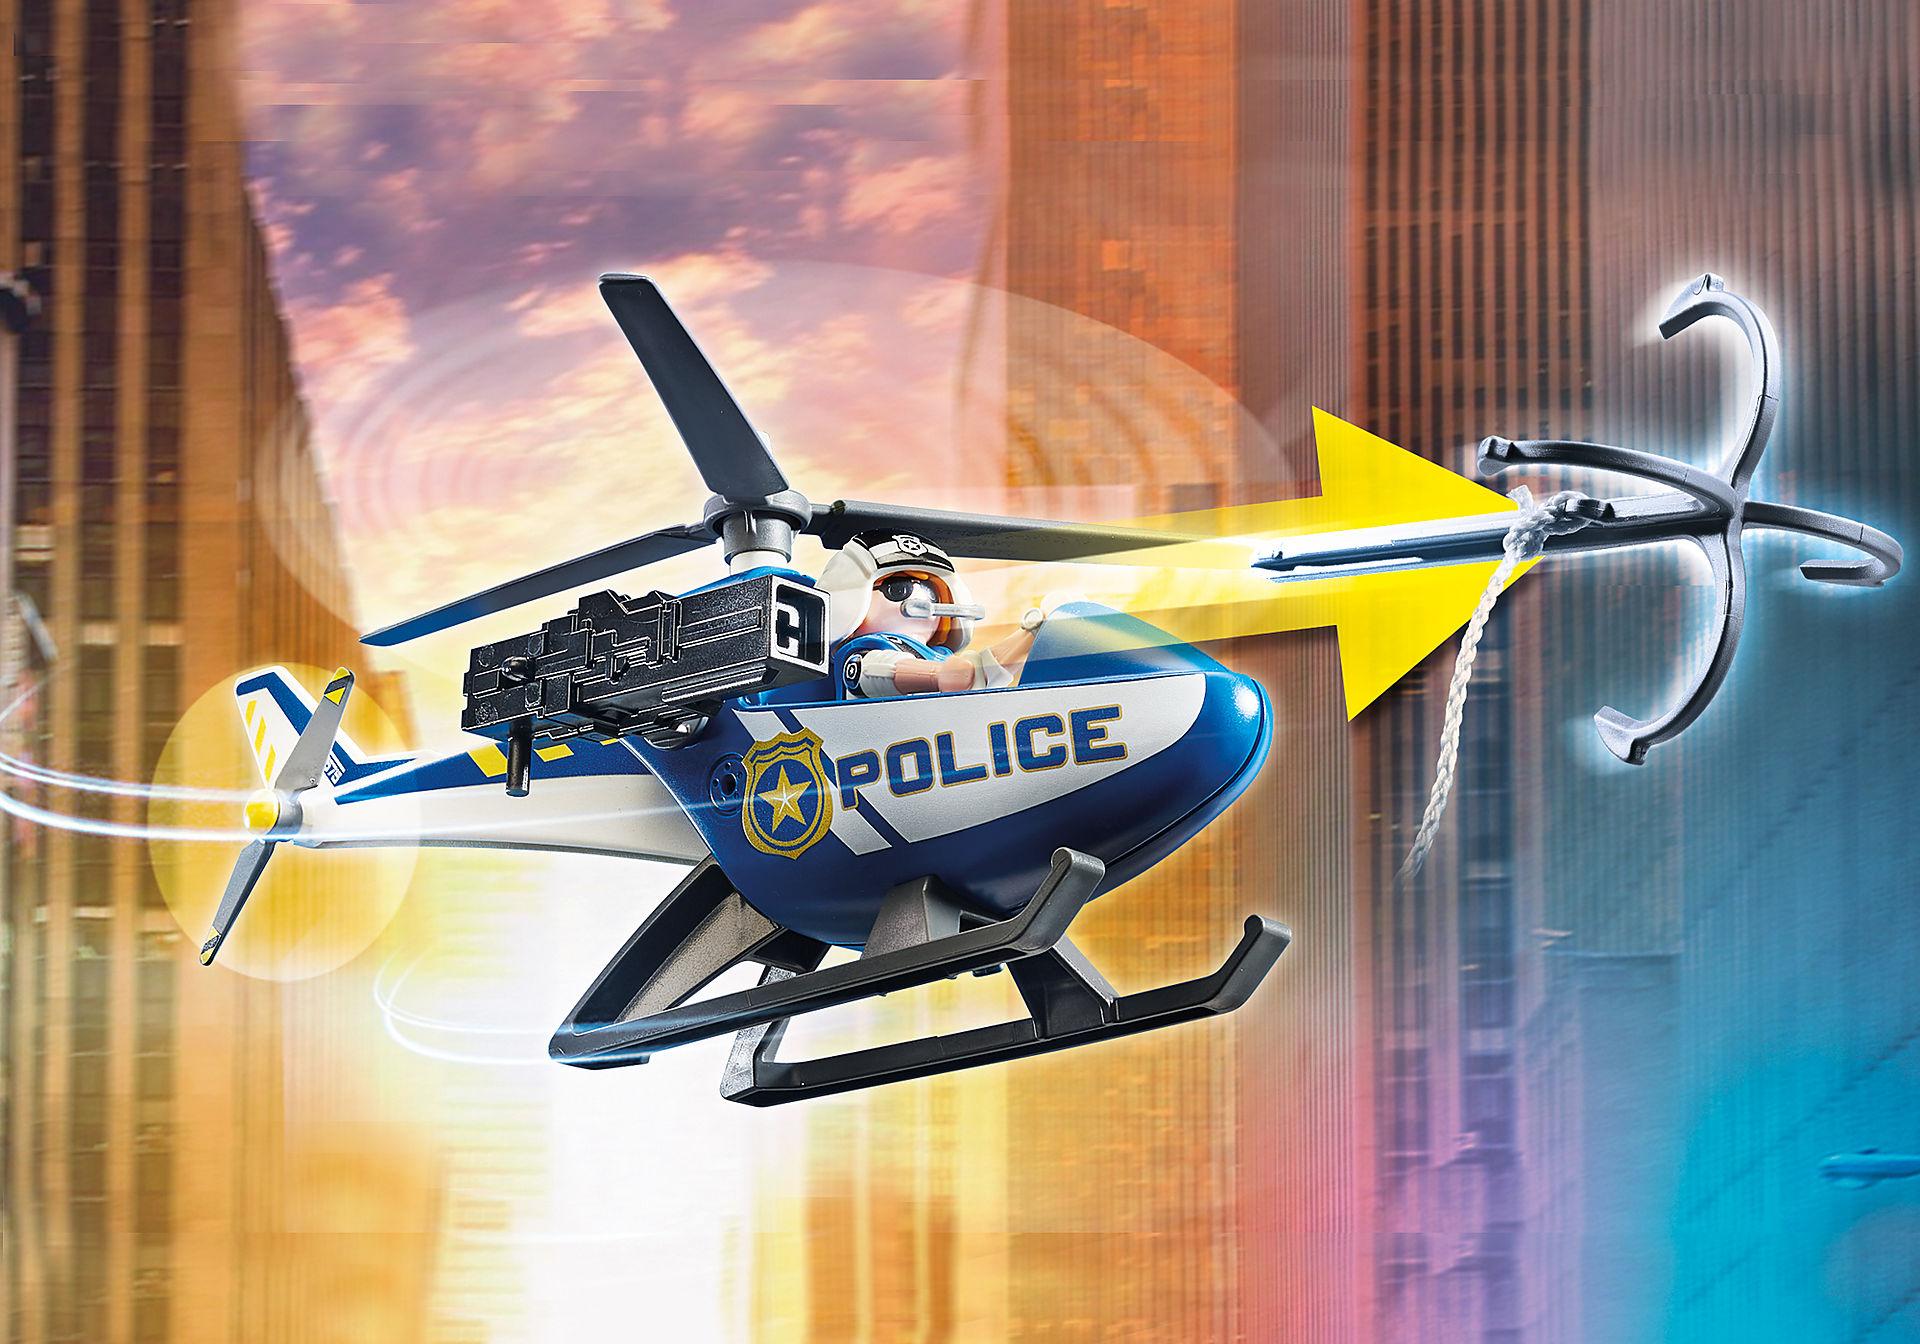 70575 Helicóptero da Polícia zoom image6